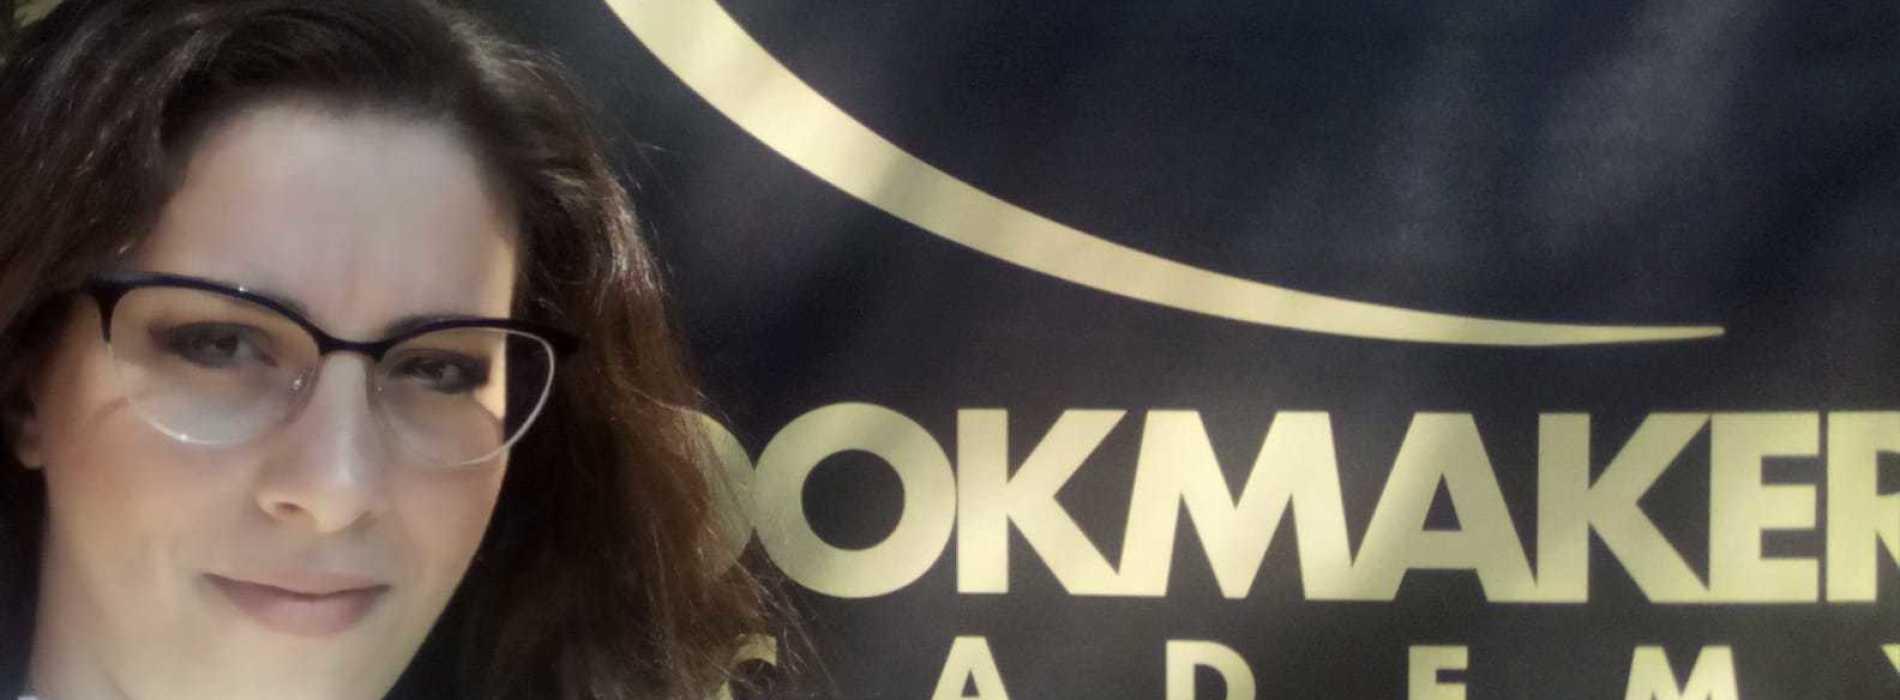 Lookmaker Academy, una casertana in semifinale nel talent tv